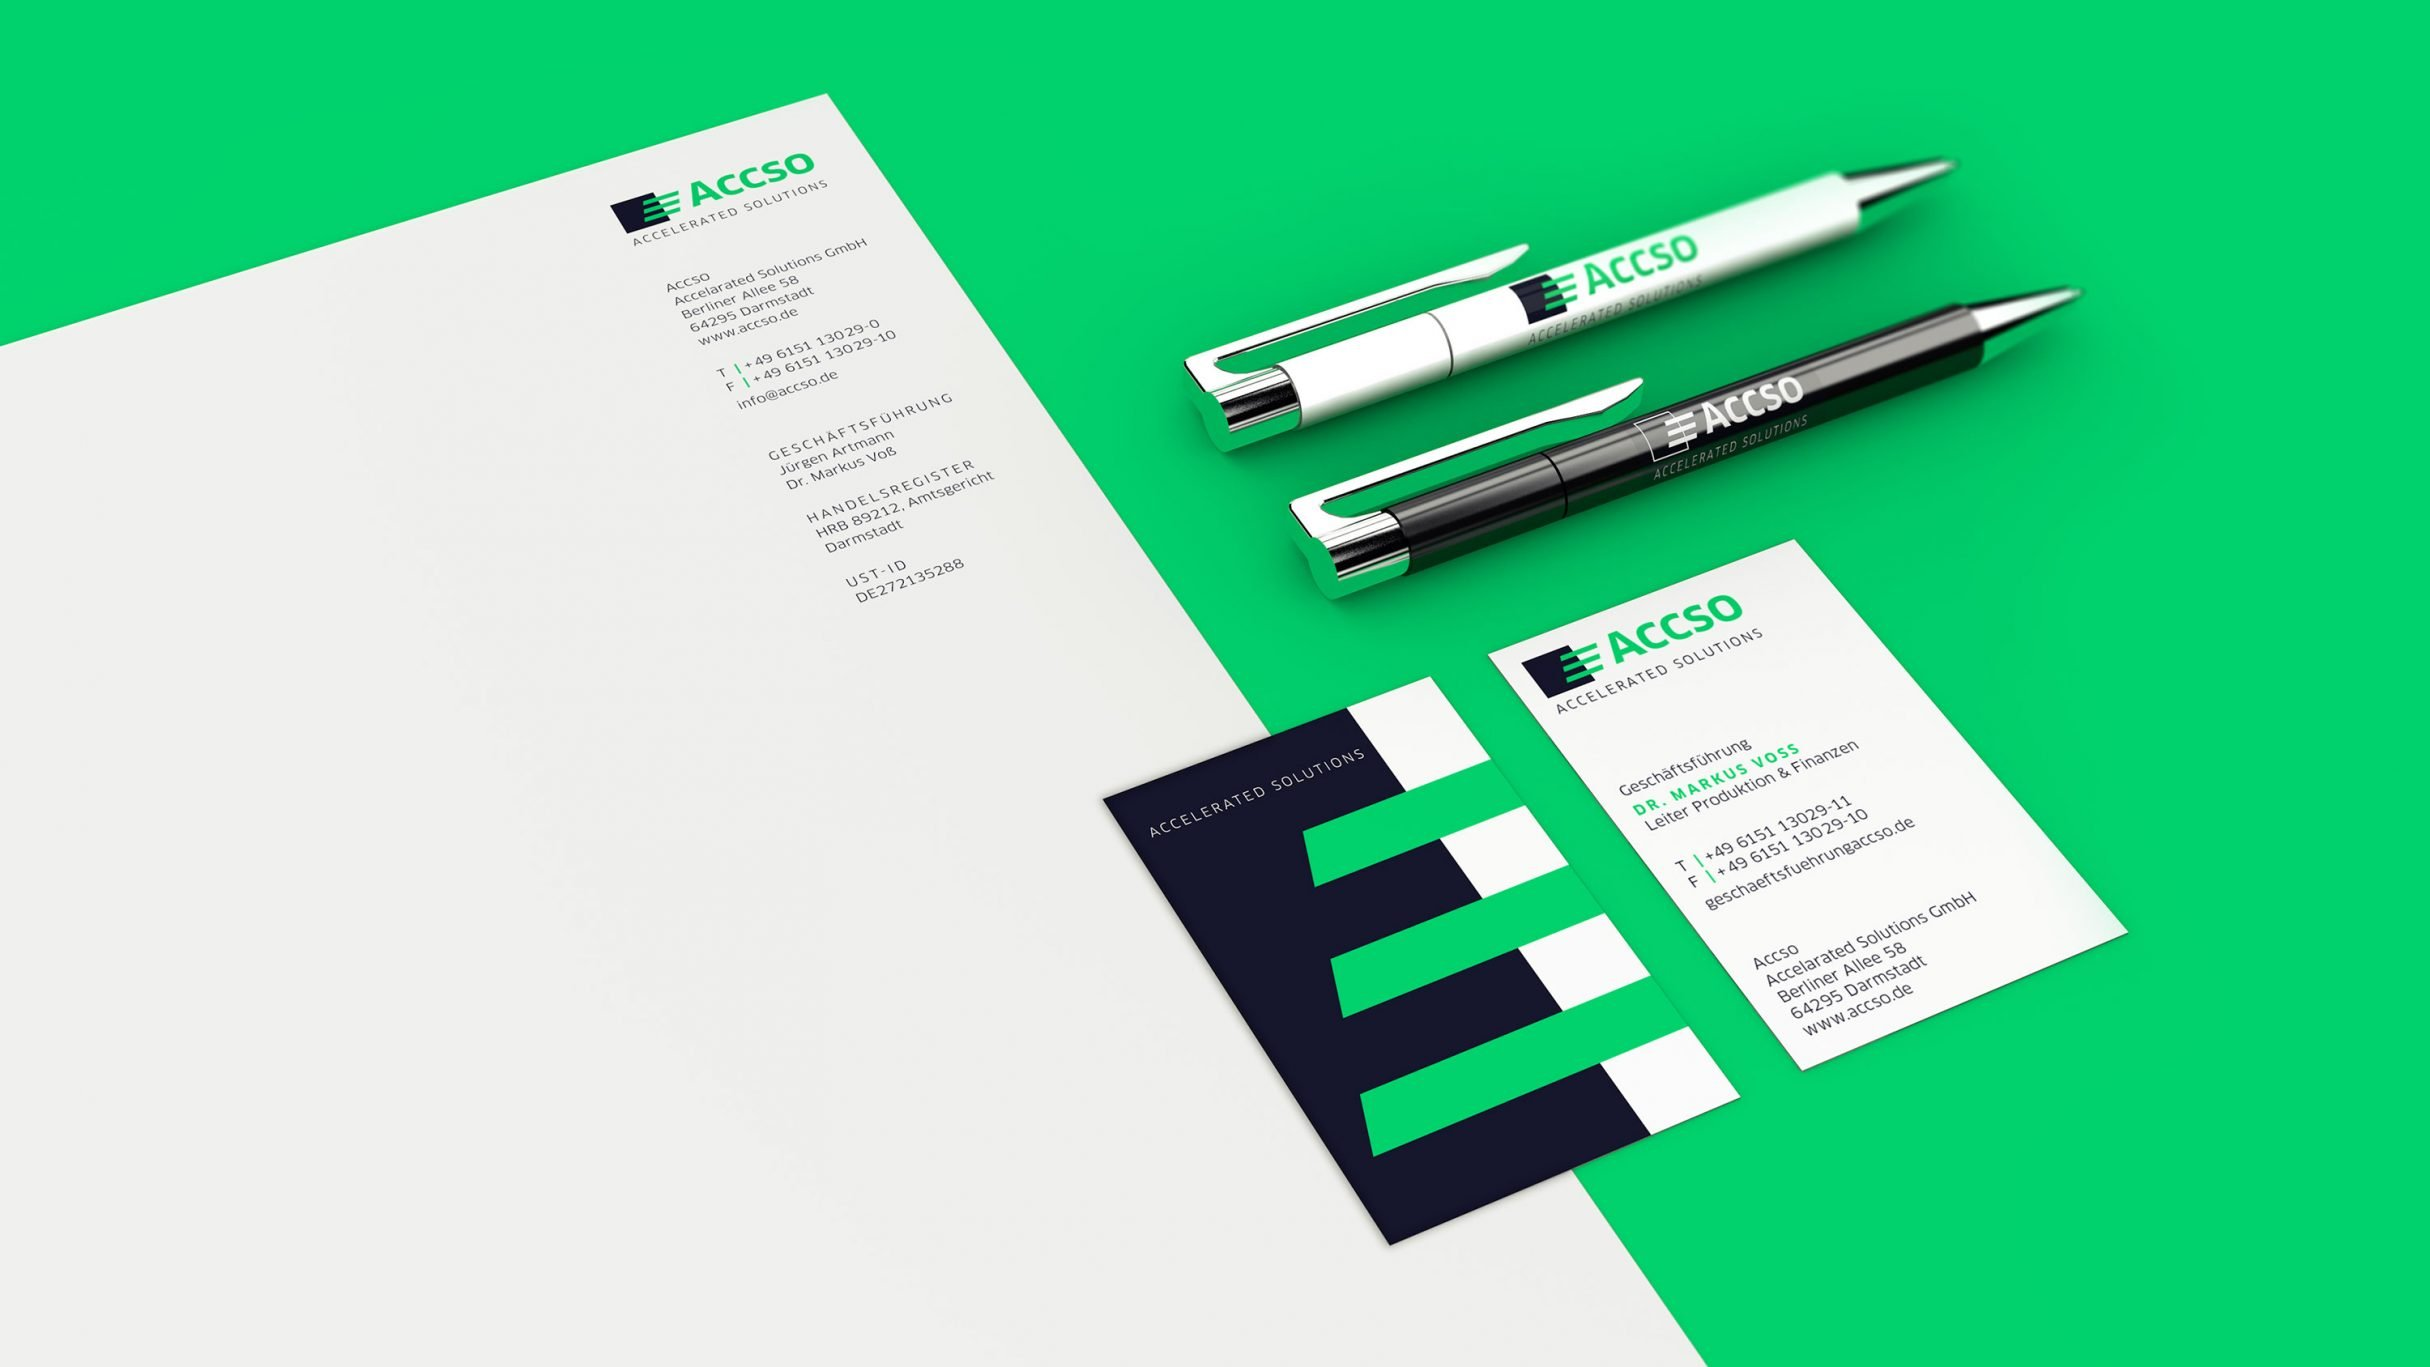 Corporate Design für accso: Visitenkarten, Briefpapier und bedruckte Kugelschreiber